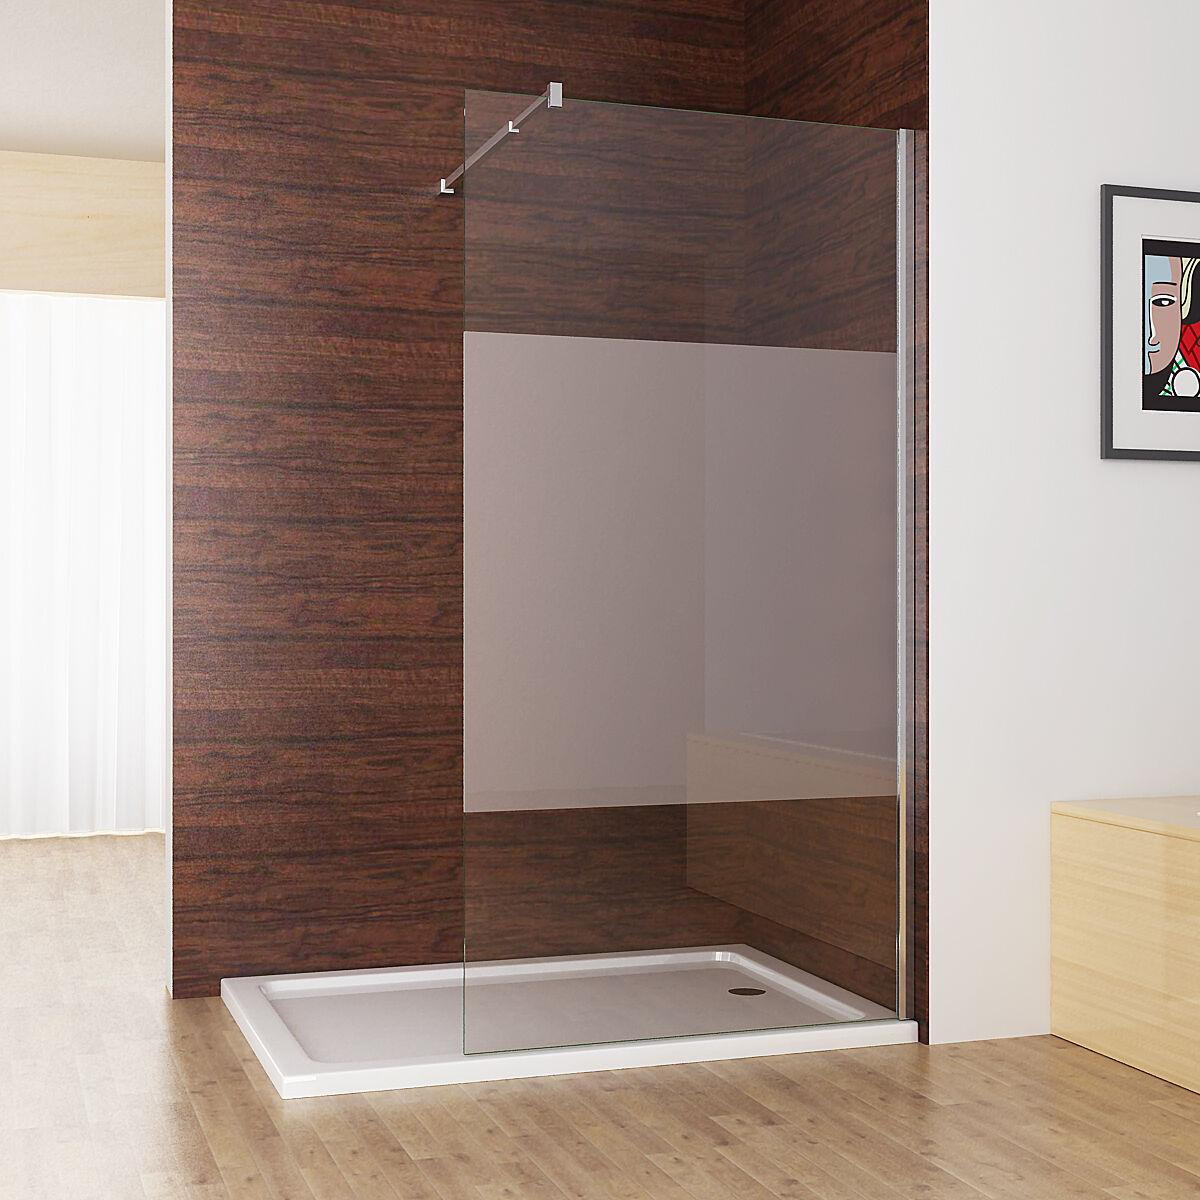 walkin dusche duschabtrennung duschwand 10mm nano teilsatiniert glas 120 x 200cm ebay. Black Bedroom Furniture Sets. Home Design Ideas